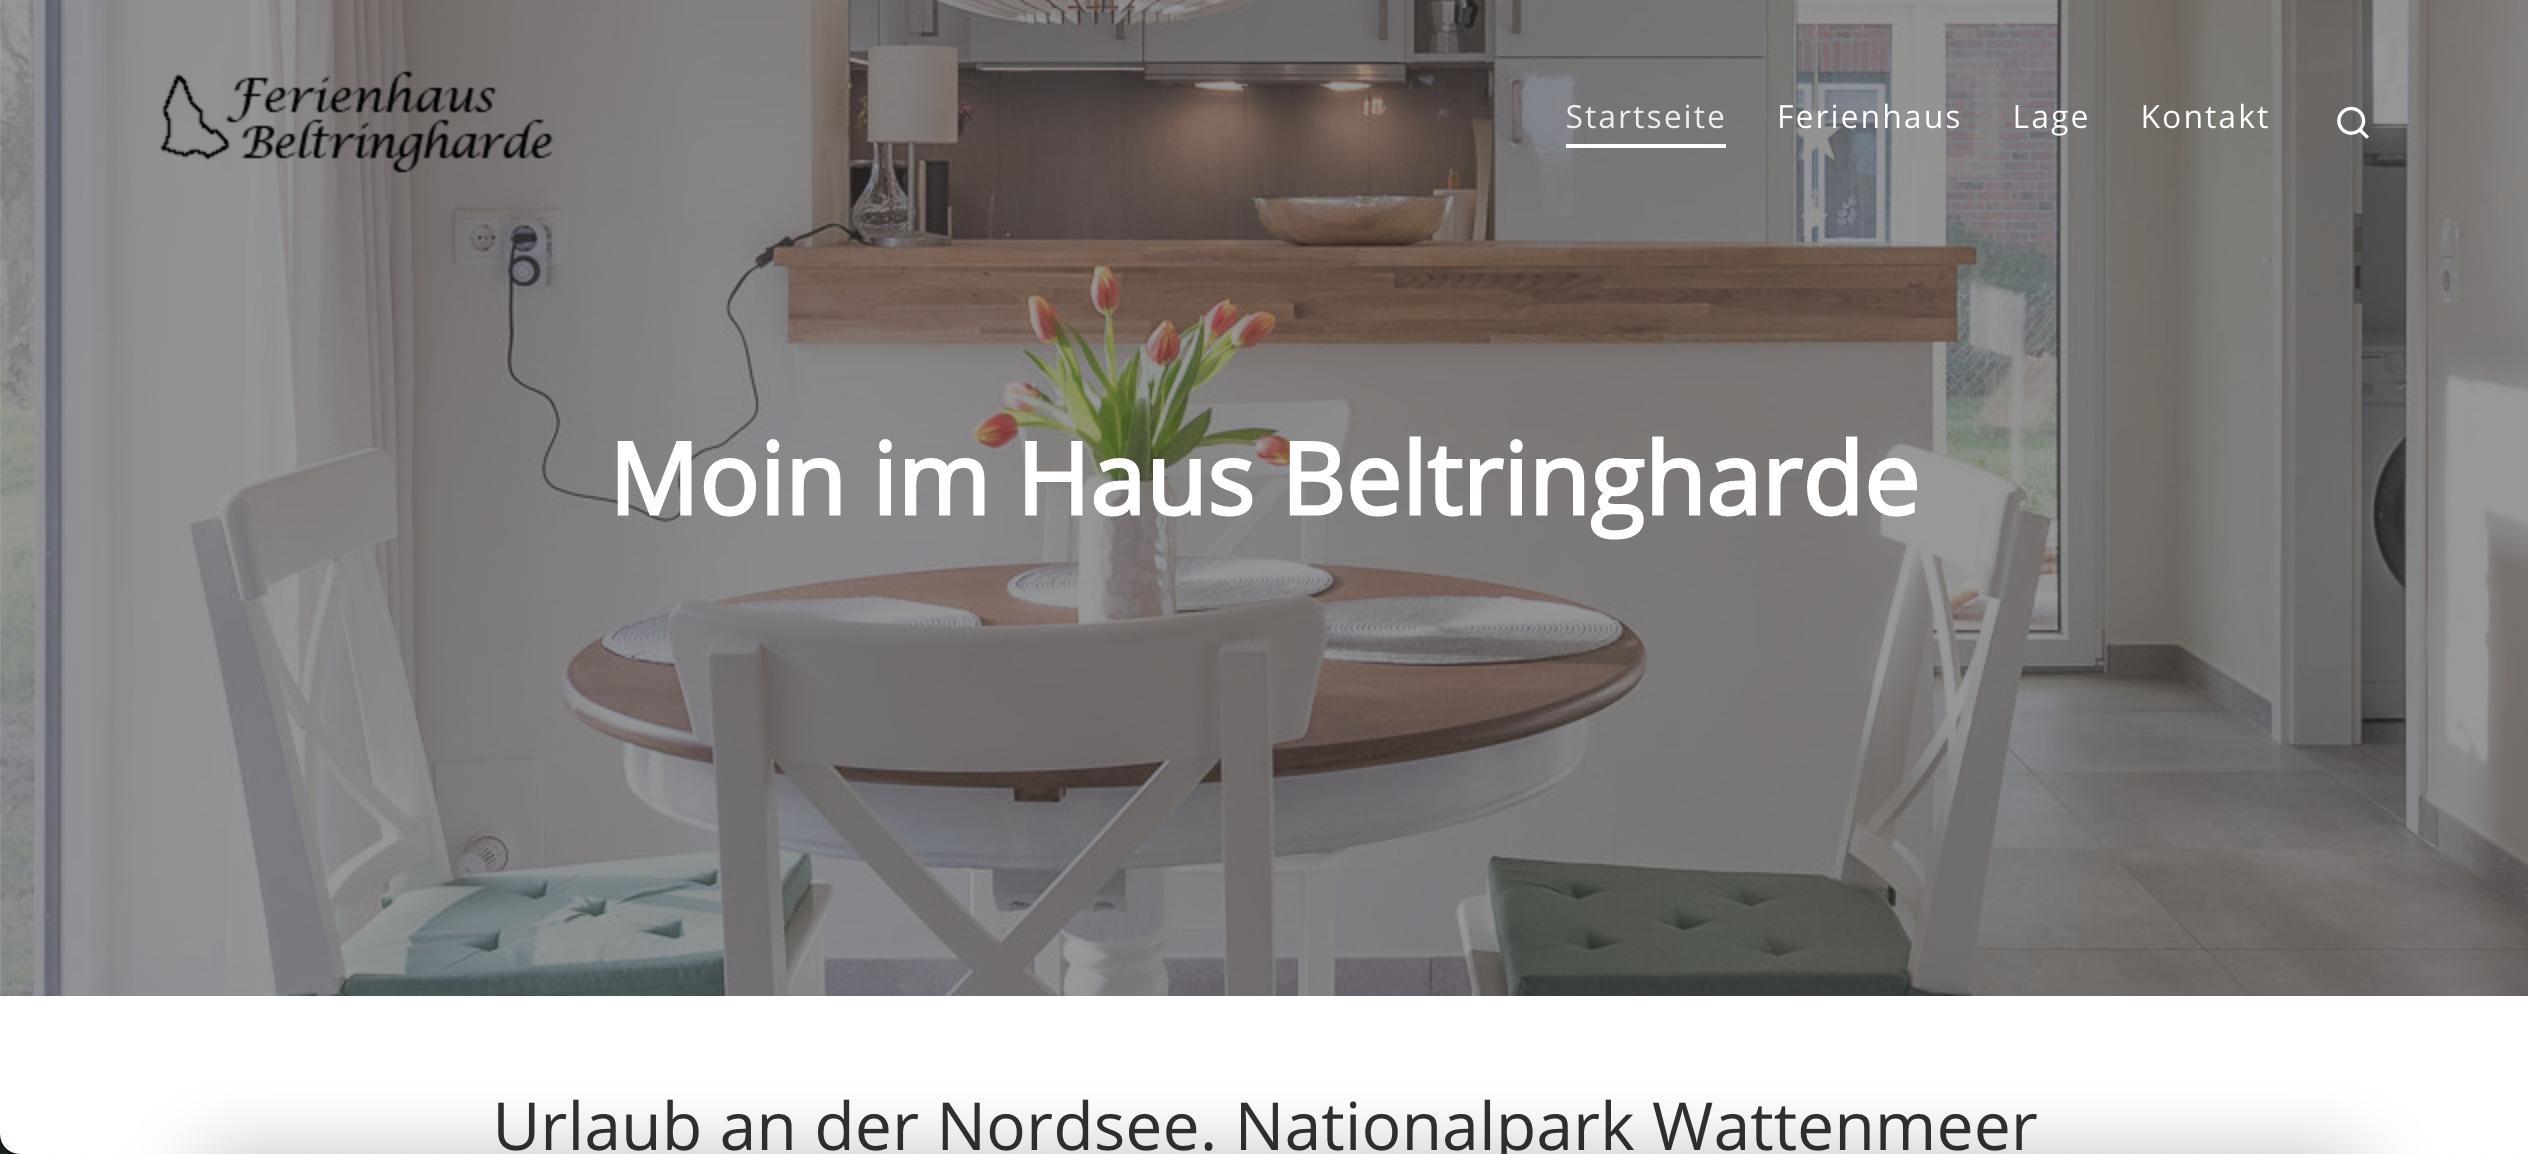 Ferienhaus Beltringharde